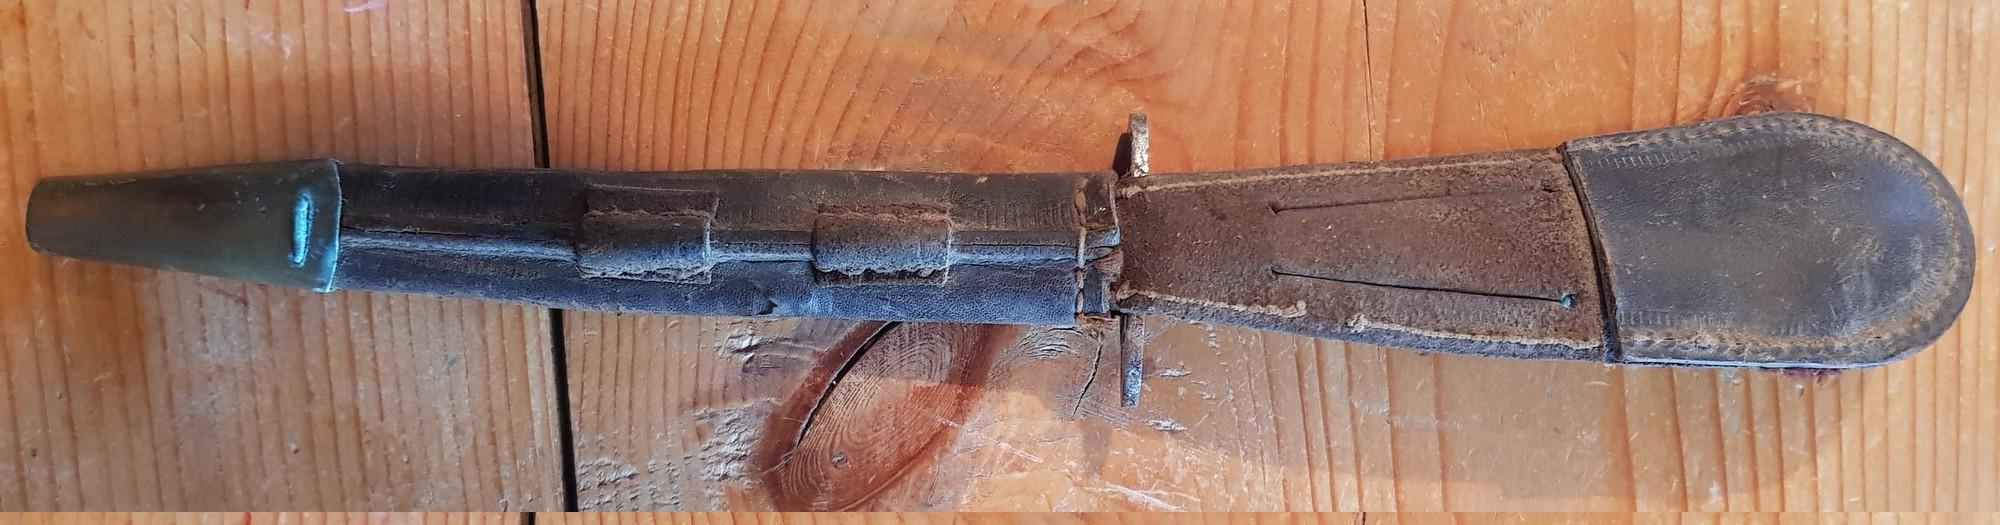 Dague FS Fairbairn? 20201212